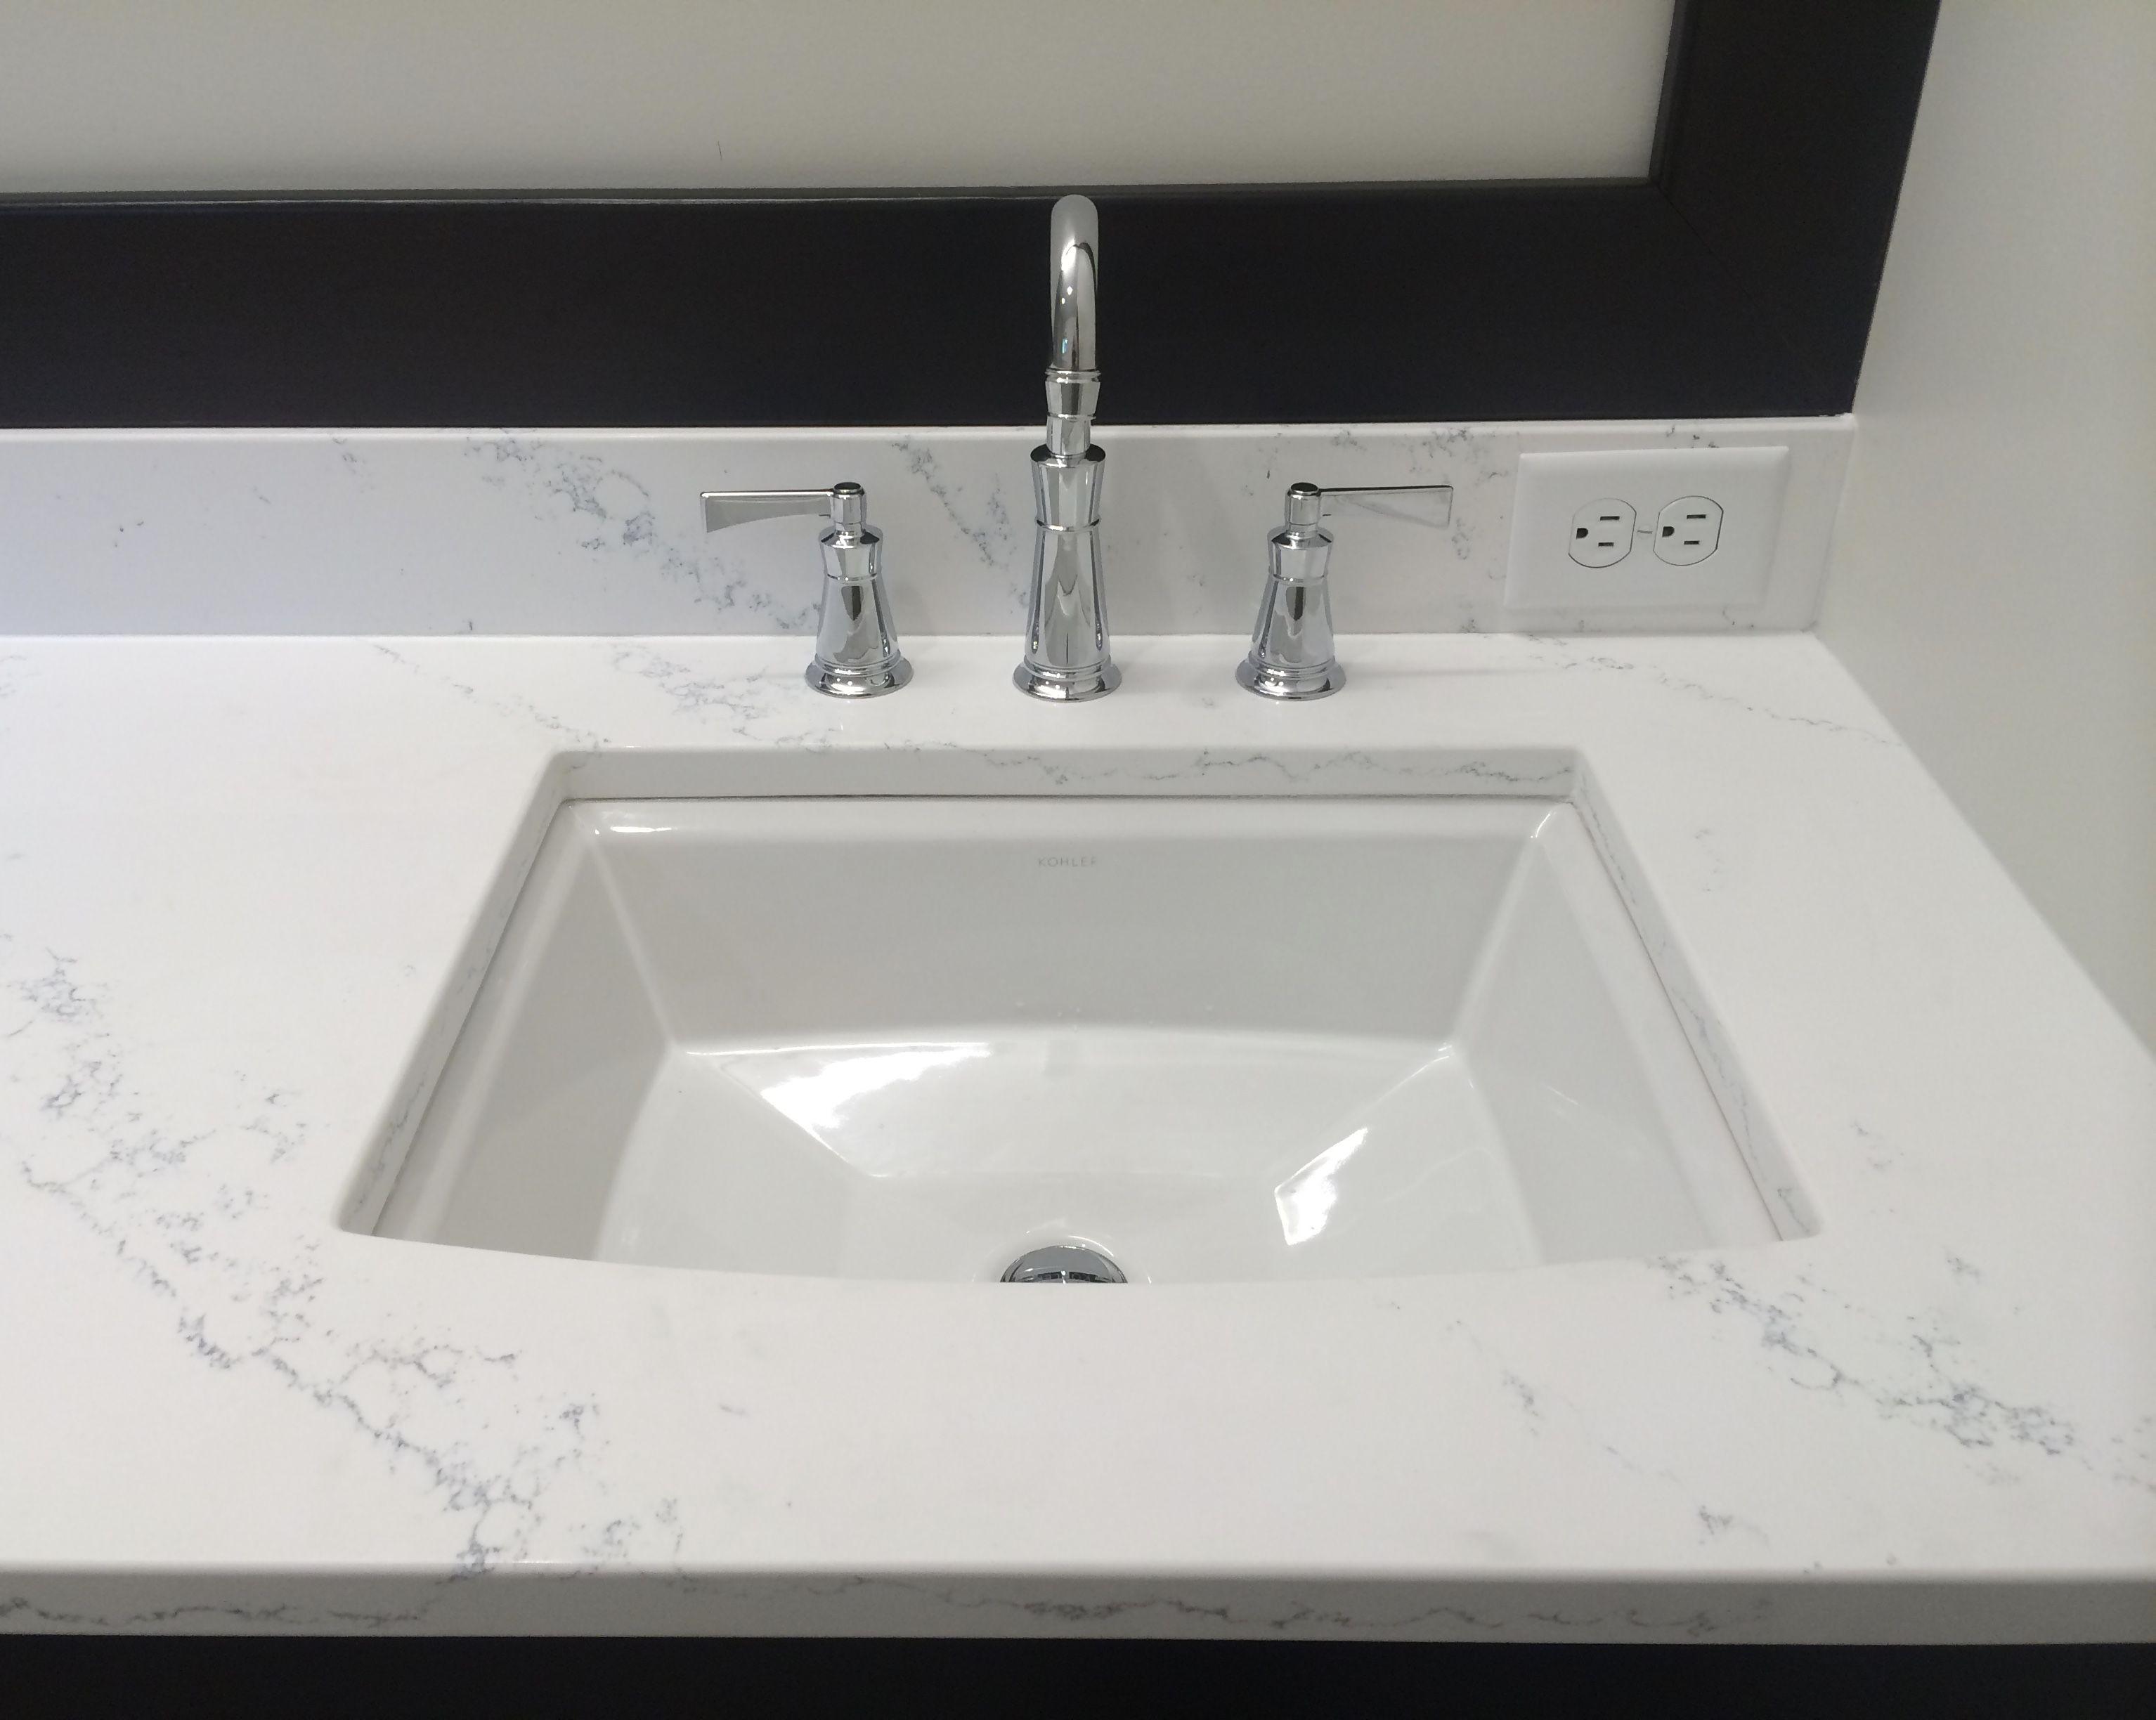 Quartz countertops Kohler Archer undermount sink and